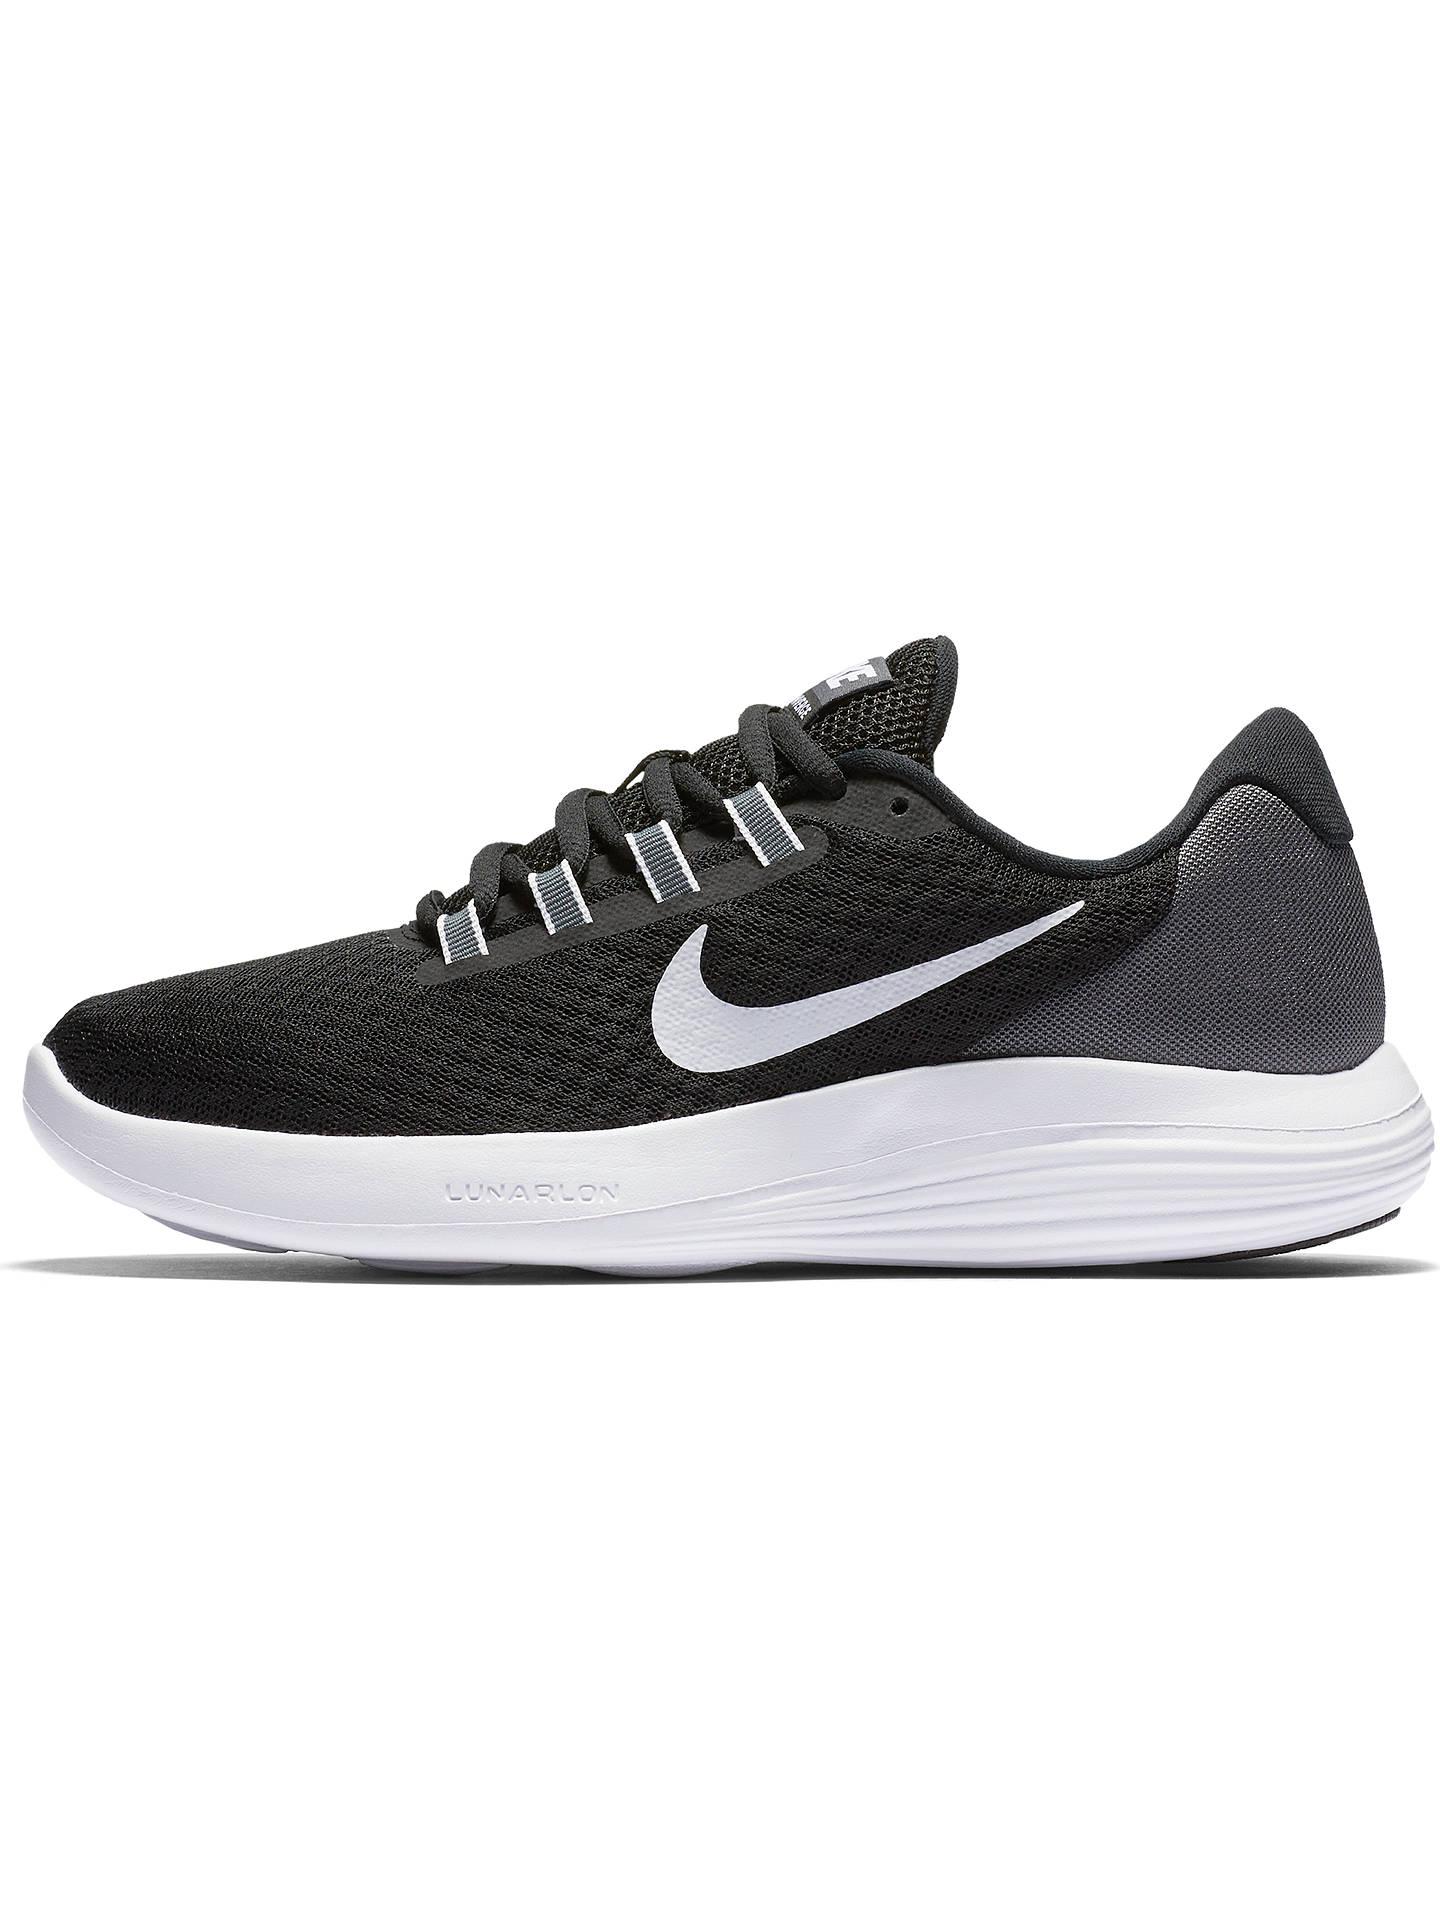 c06c92150684 Nike LunarConverge Women s Running Shoe at John Lewis   Partners